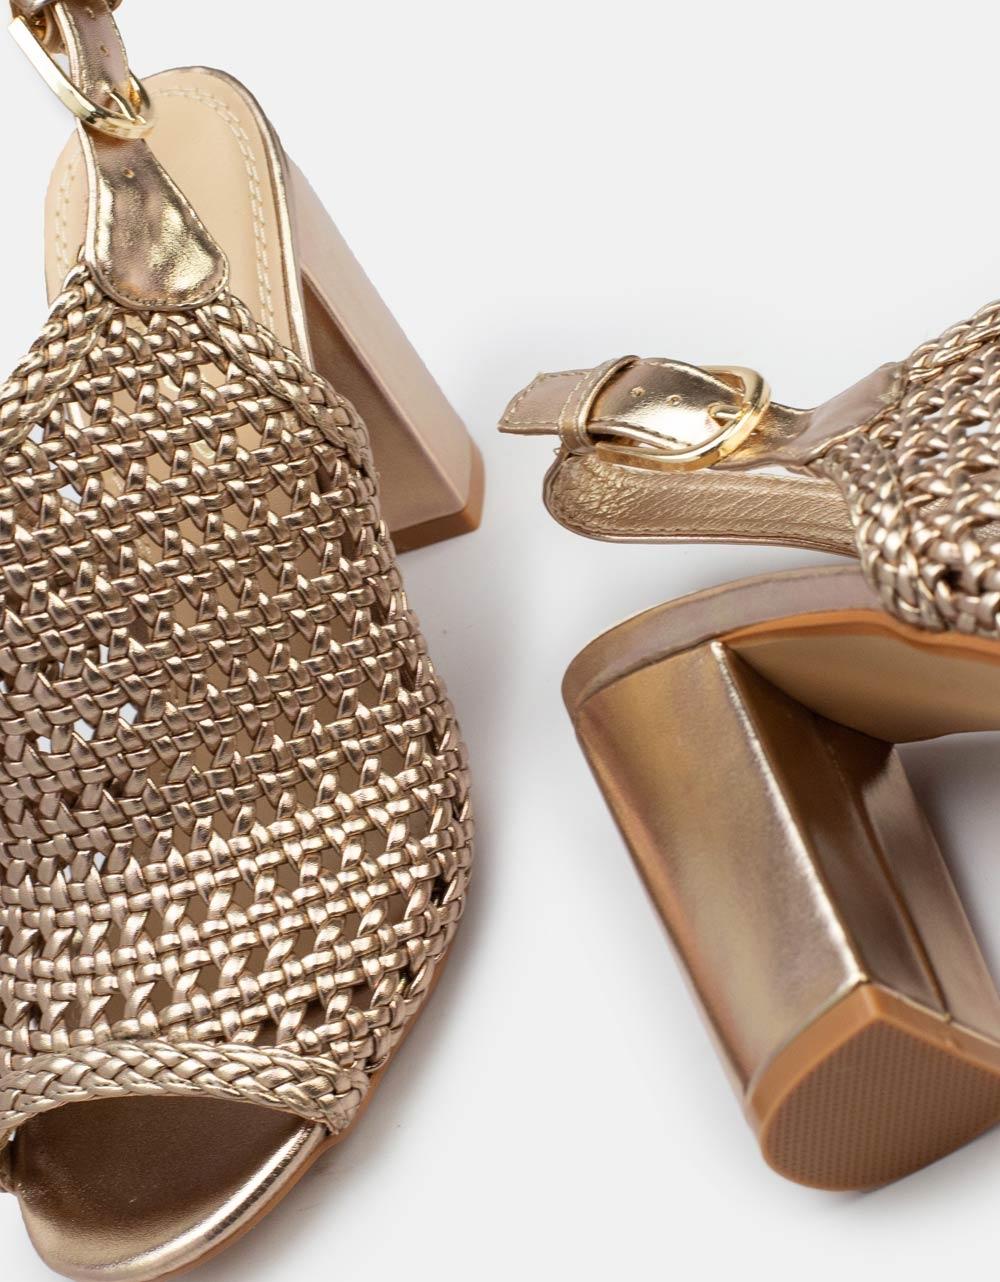 Εικόνα από Γυναικεία πέδιλα peep toe με διάτρητο σχέδιο Σαμπανί